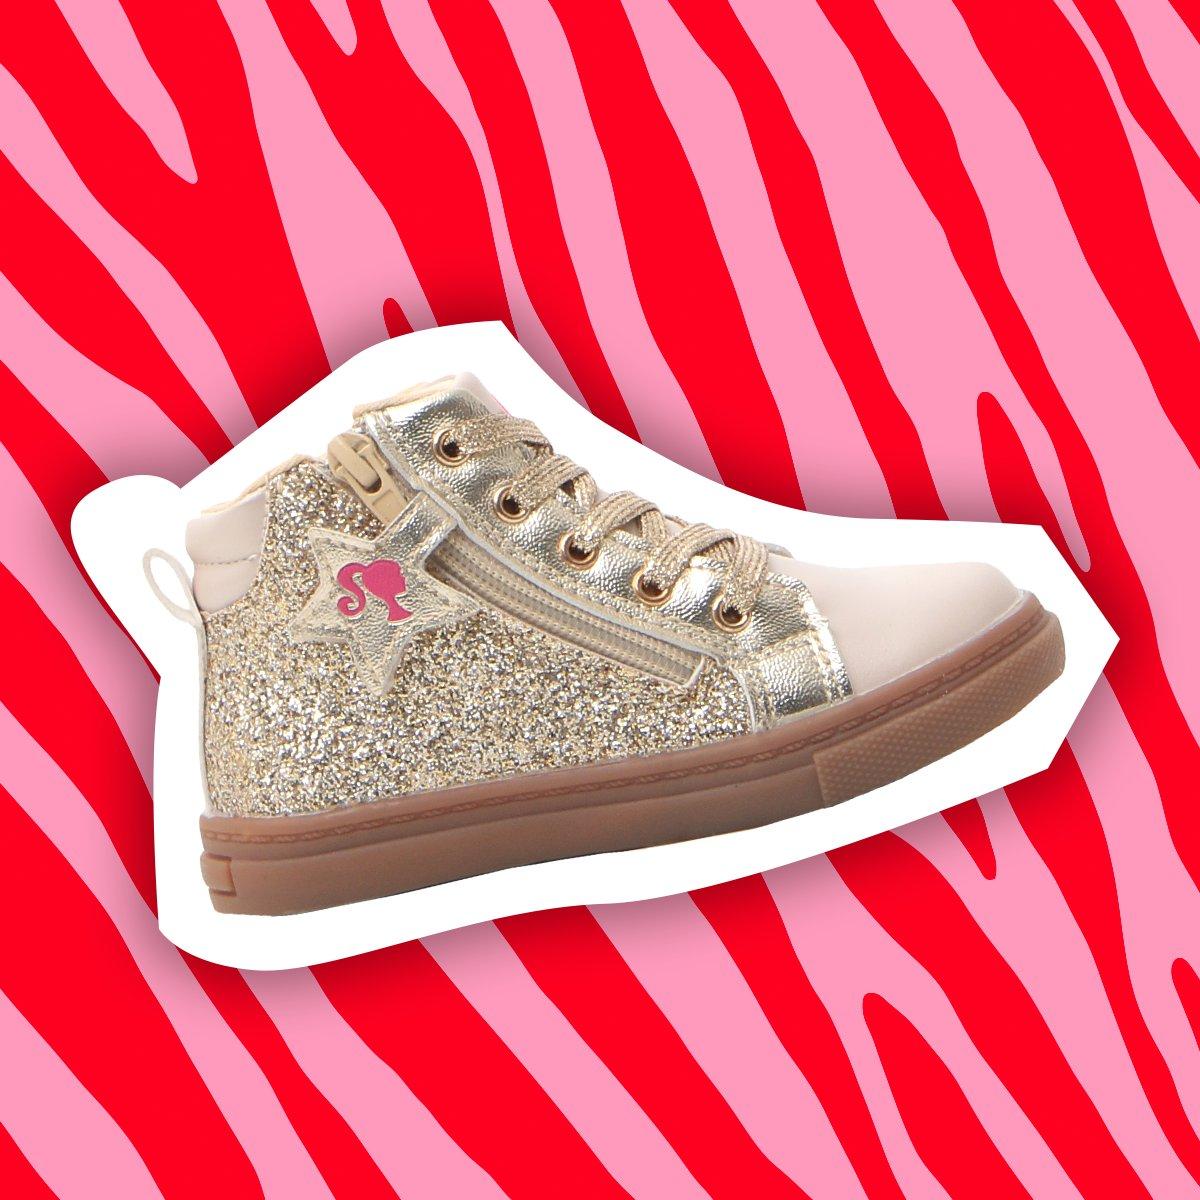 Le sneakers da bambina super glitterate e super co...